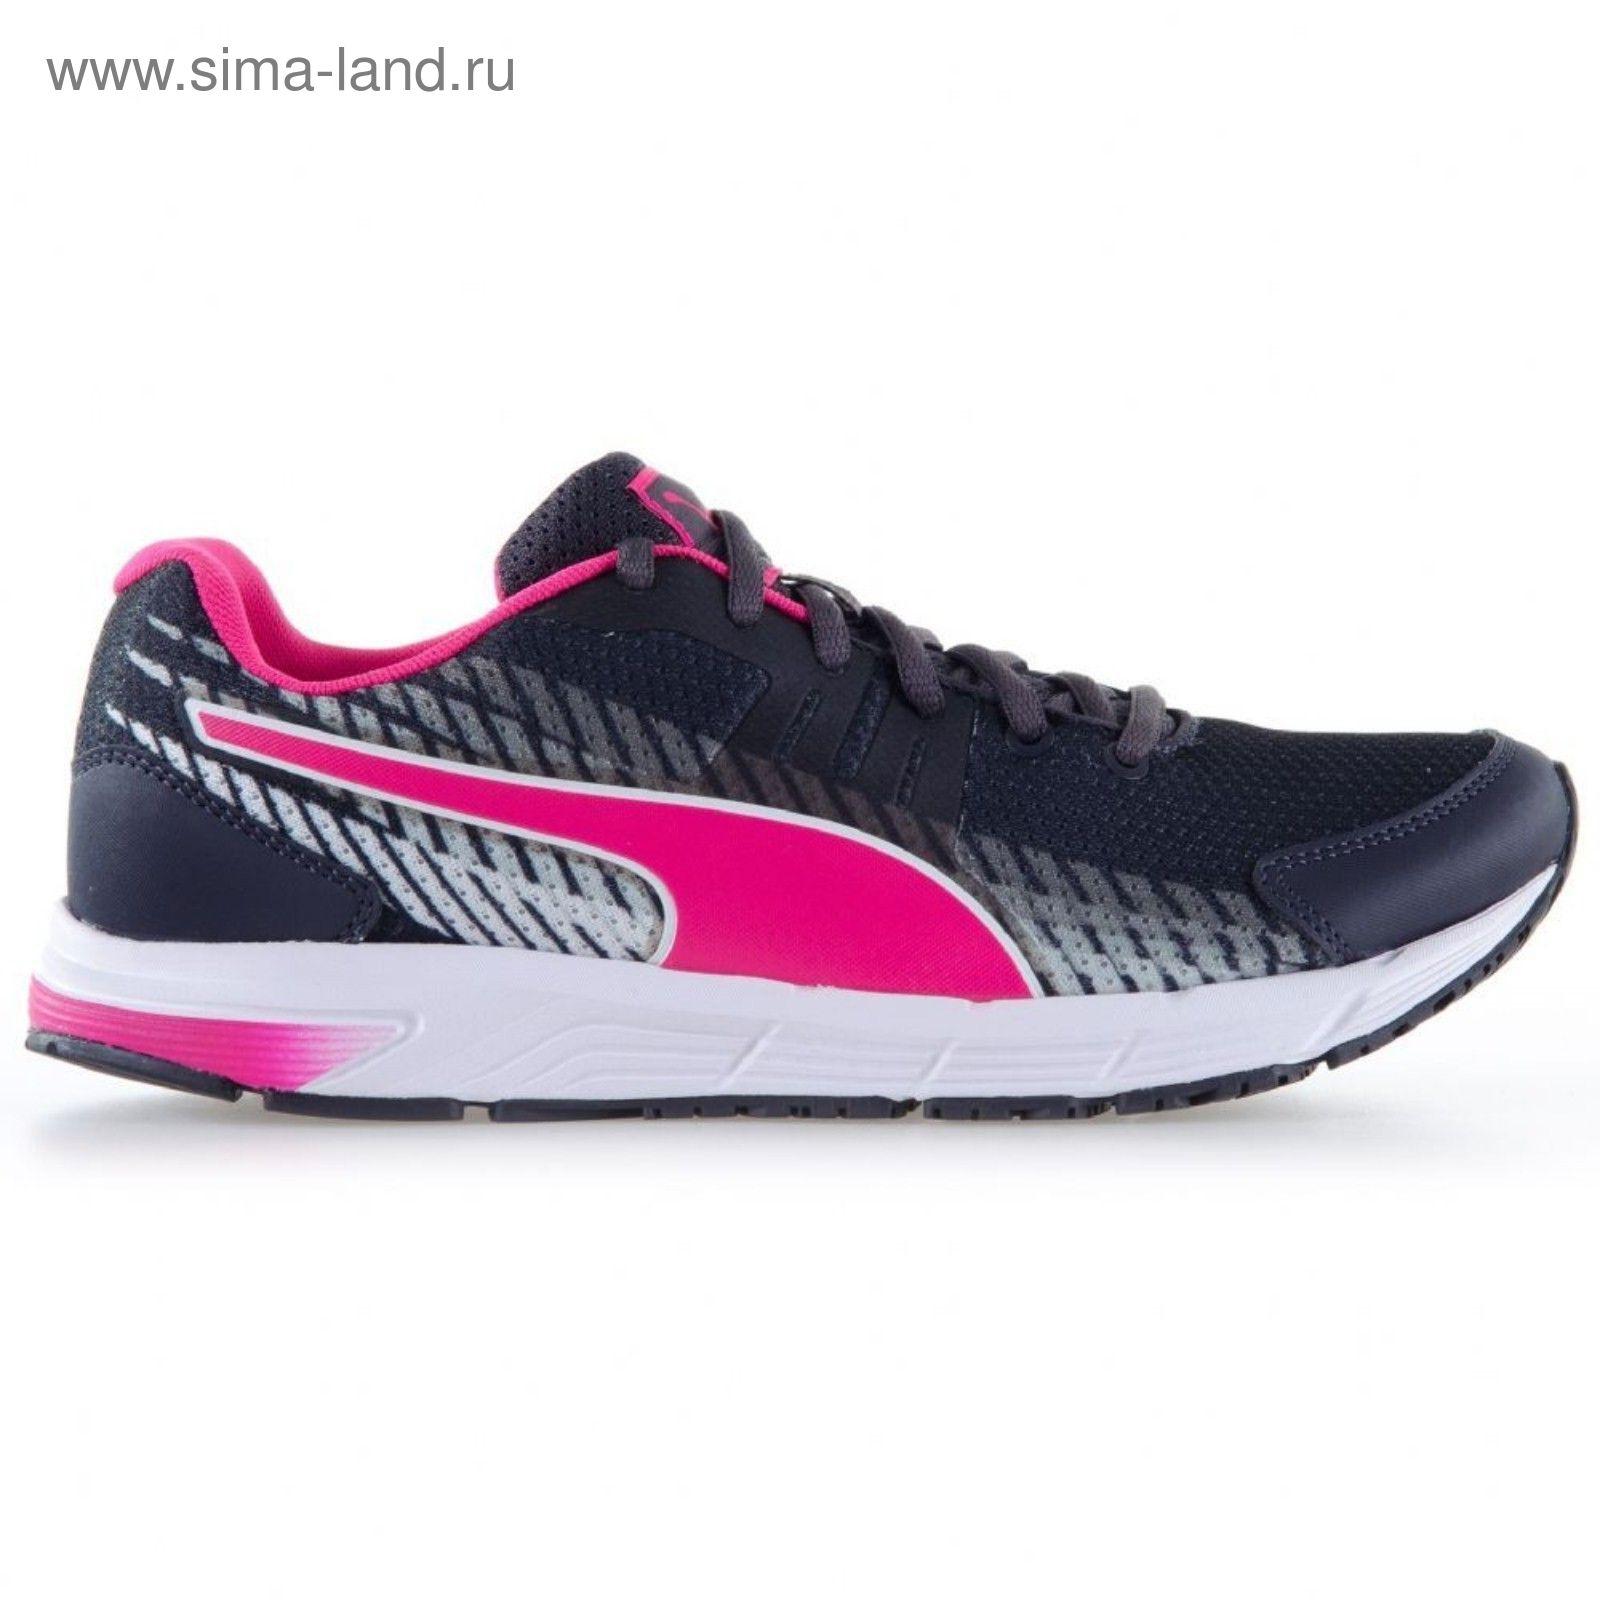 e890db68 Кроссовки для бега женские Sequence v2 Wn Periscope-Pink Glo-Puma W ...